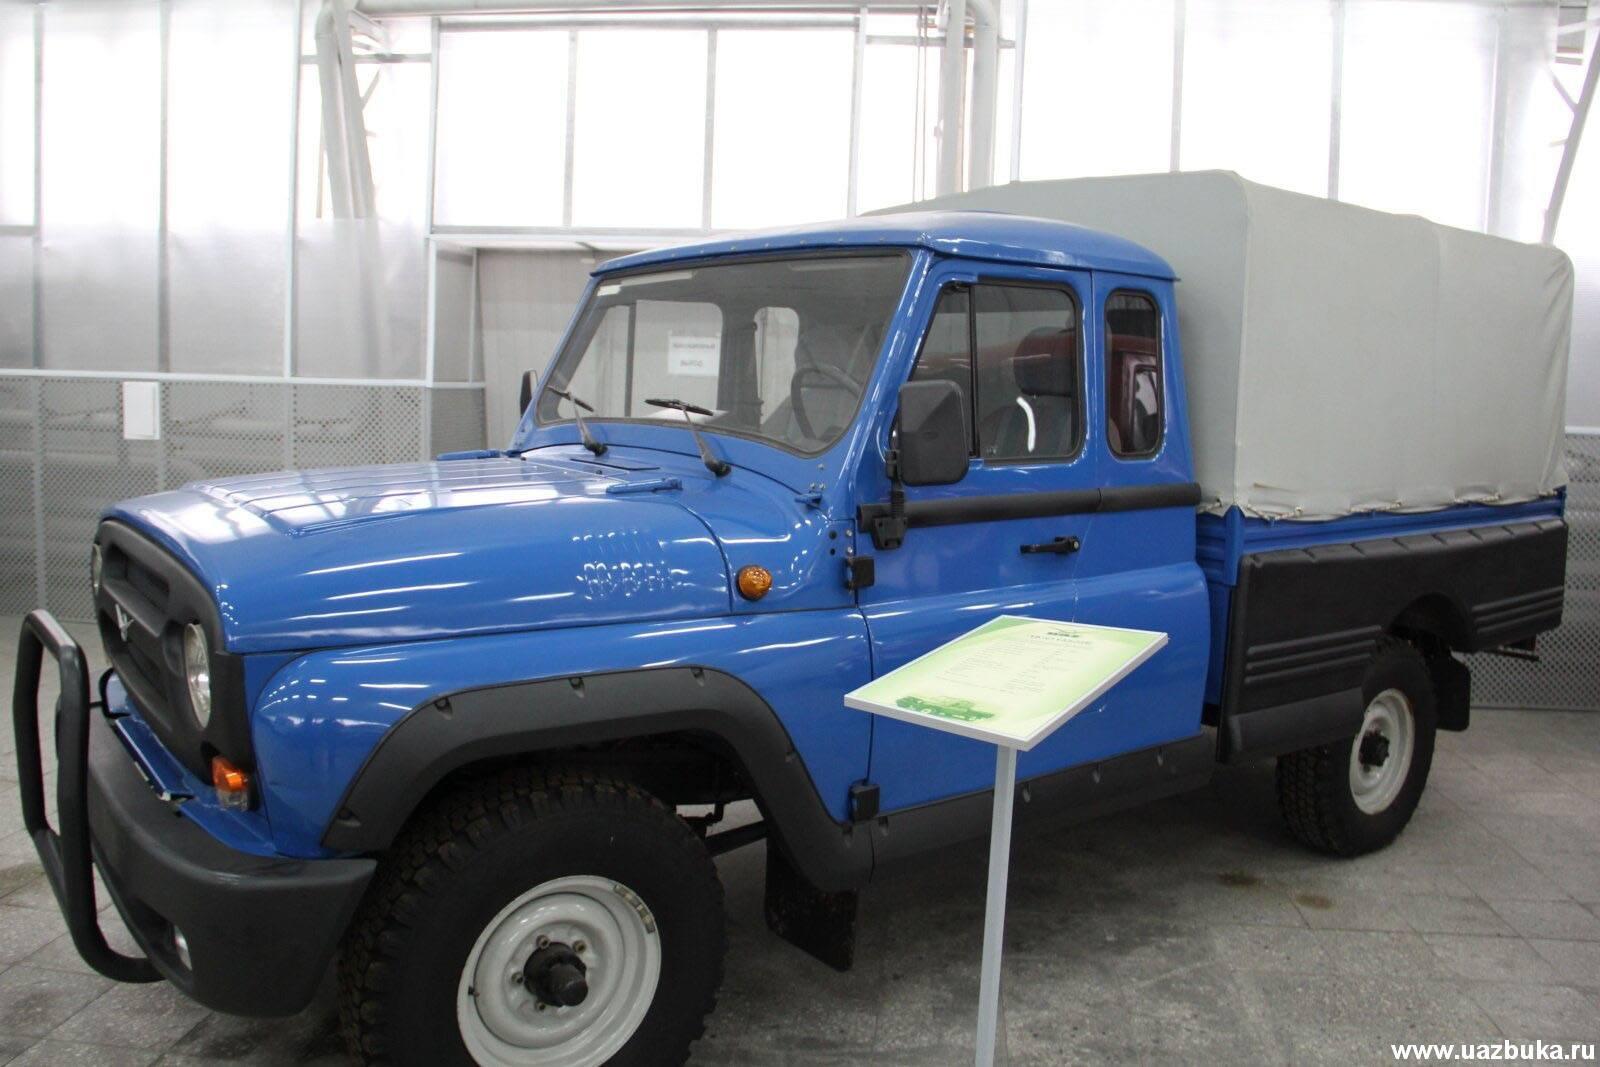 UAZ-4x4-Pickup